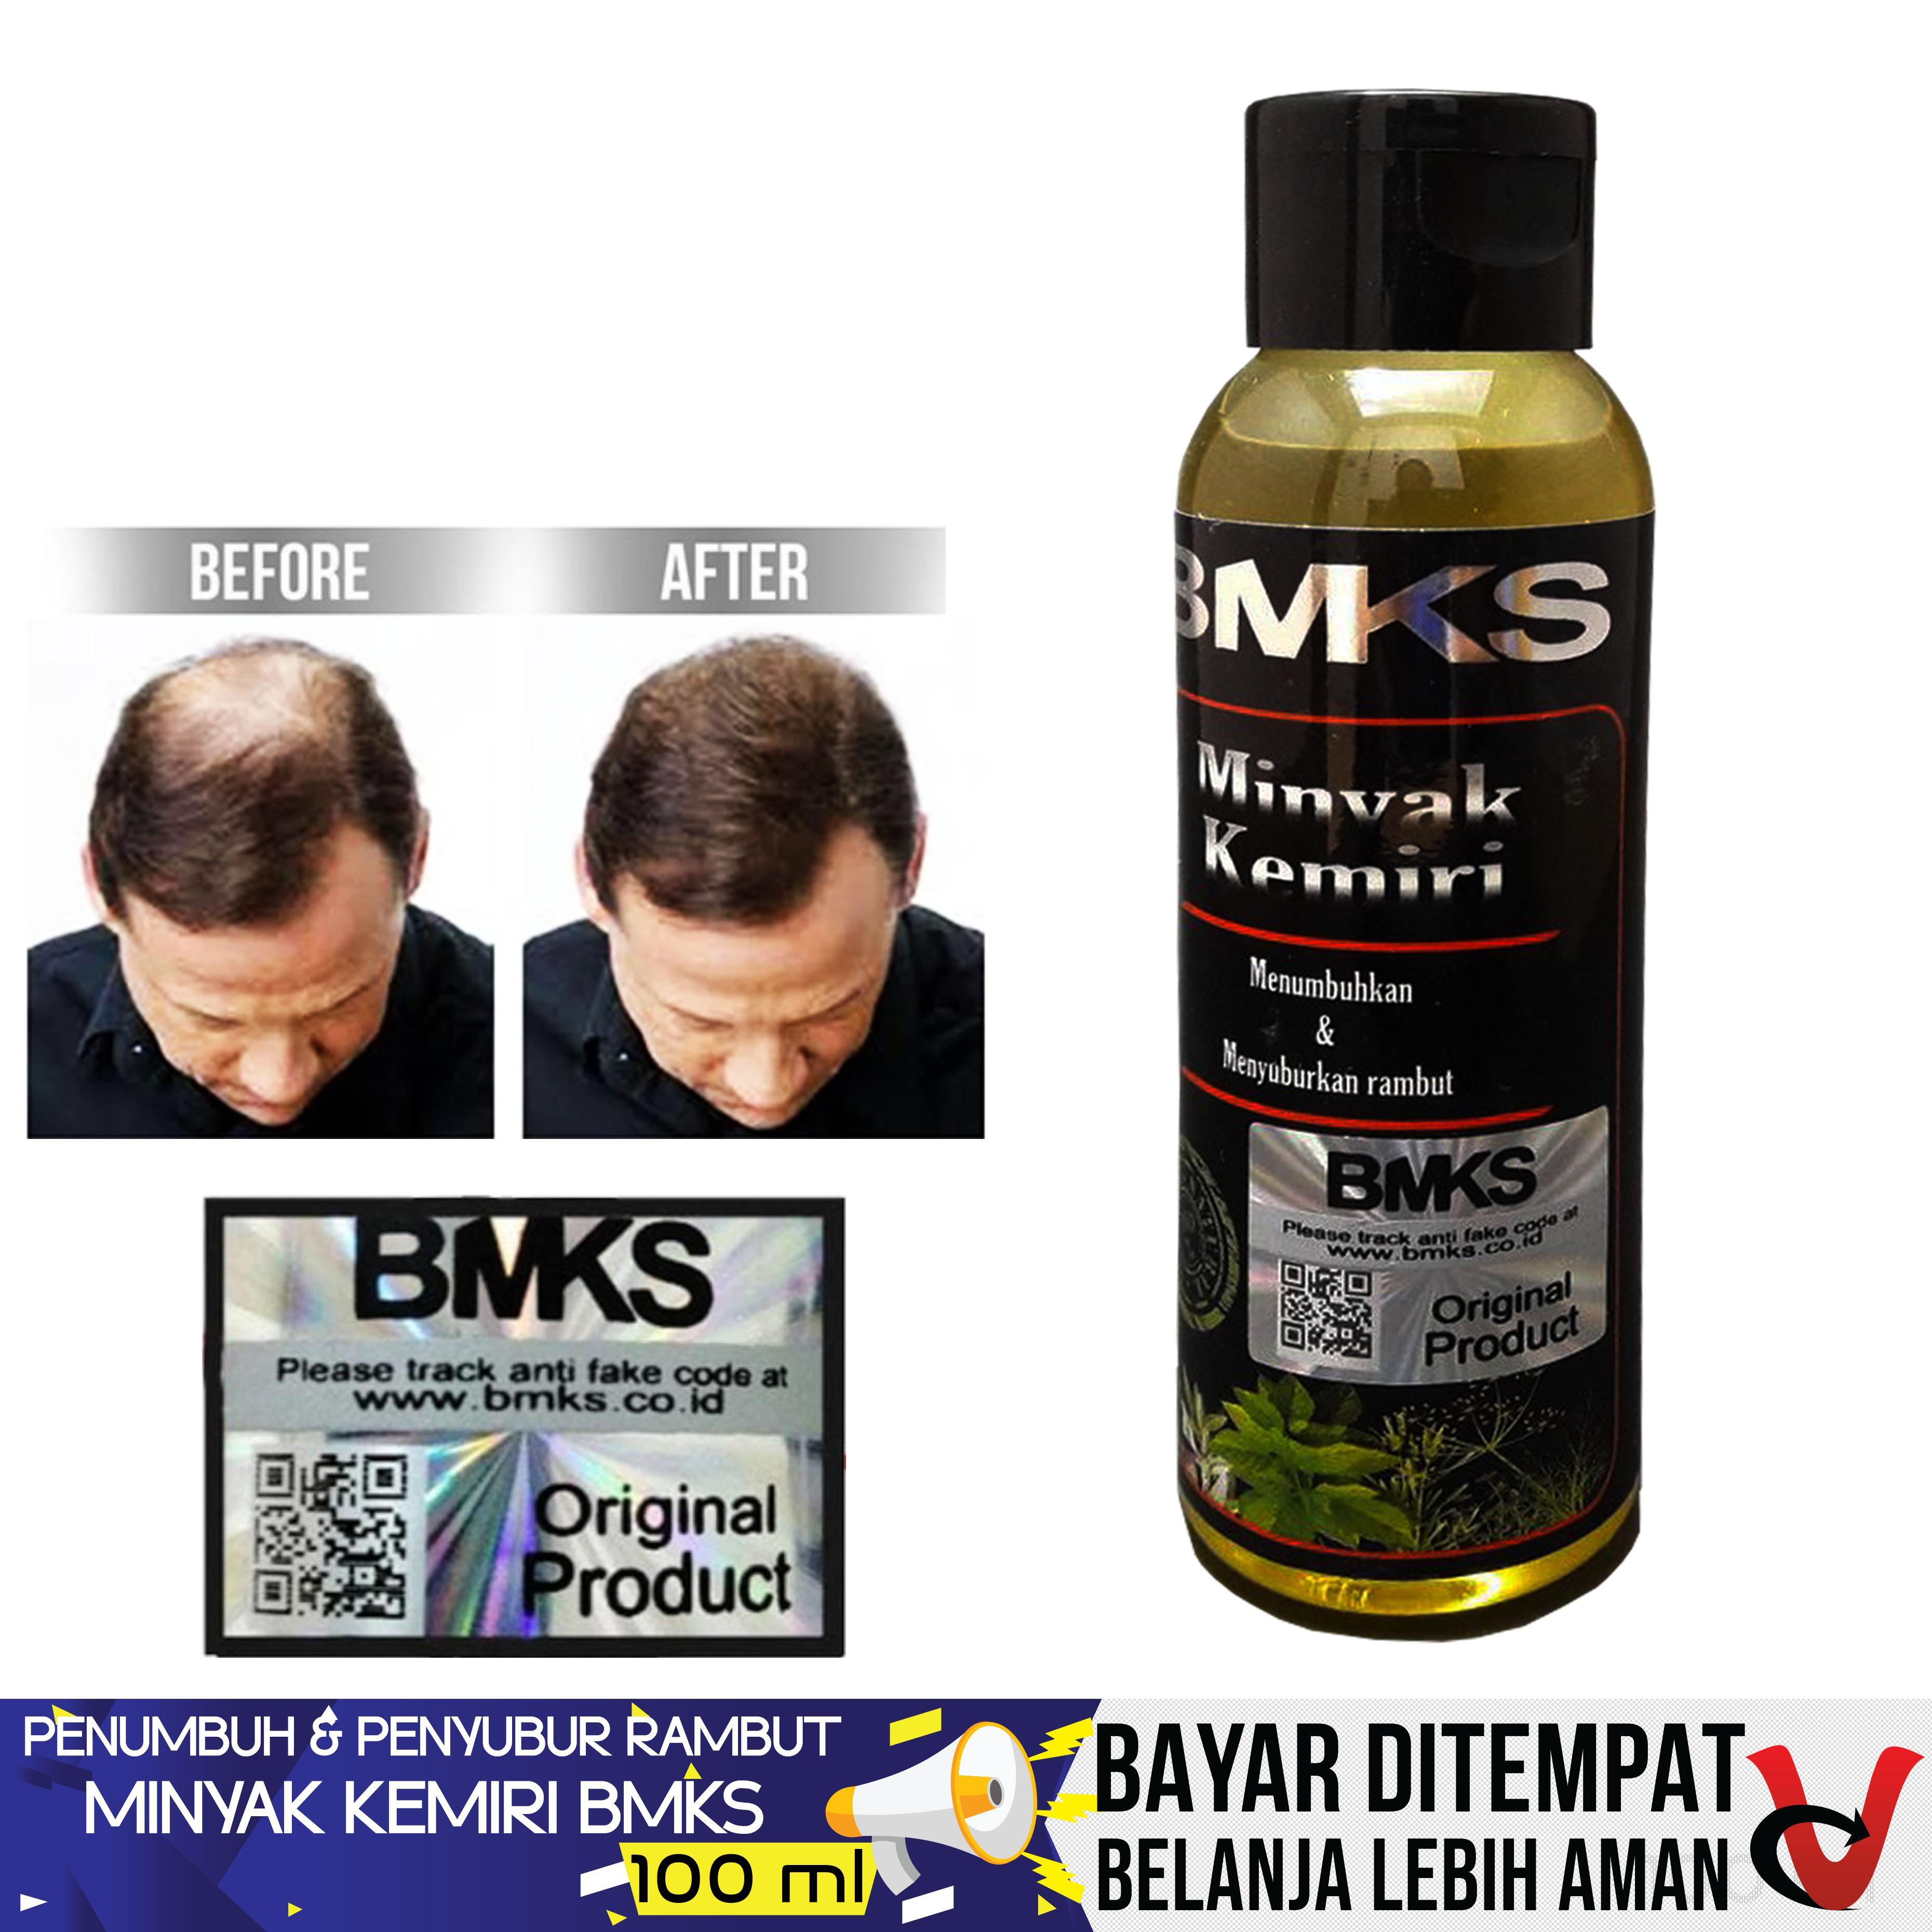 Minyak Kemiri Penumbuh Rambut Bmks Minyak Kemiri Asli 100 Minyak Kemiri Asli Minyak Kemiri Untuk Bayi Minyak Penumbuh Rambut Penumbuh Rambut Cepat Obat Penumbuh Rambut Penumbuh Rambut Botak Vitamin Rambut Lazada Indonesia